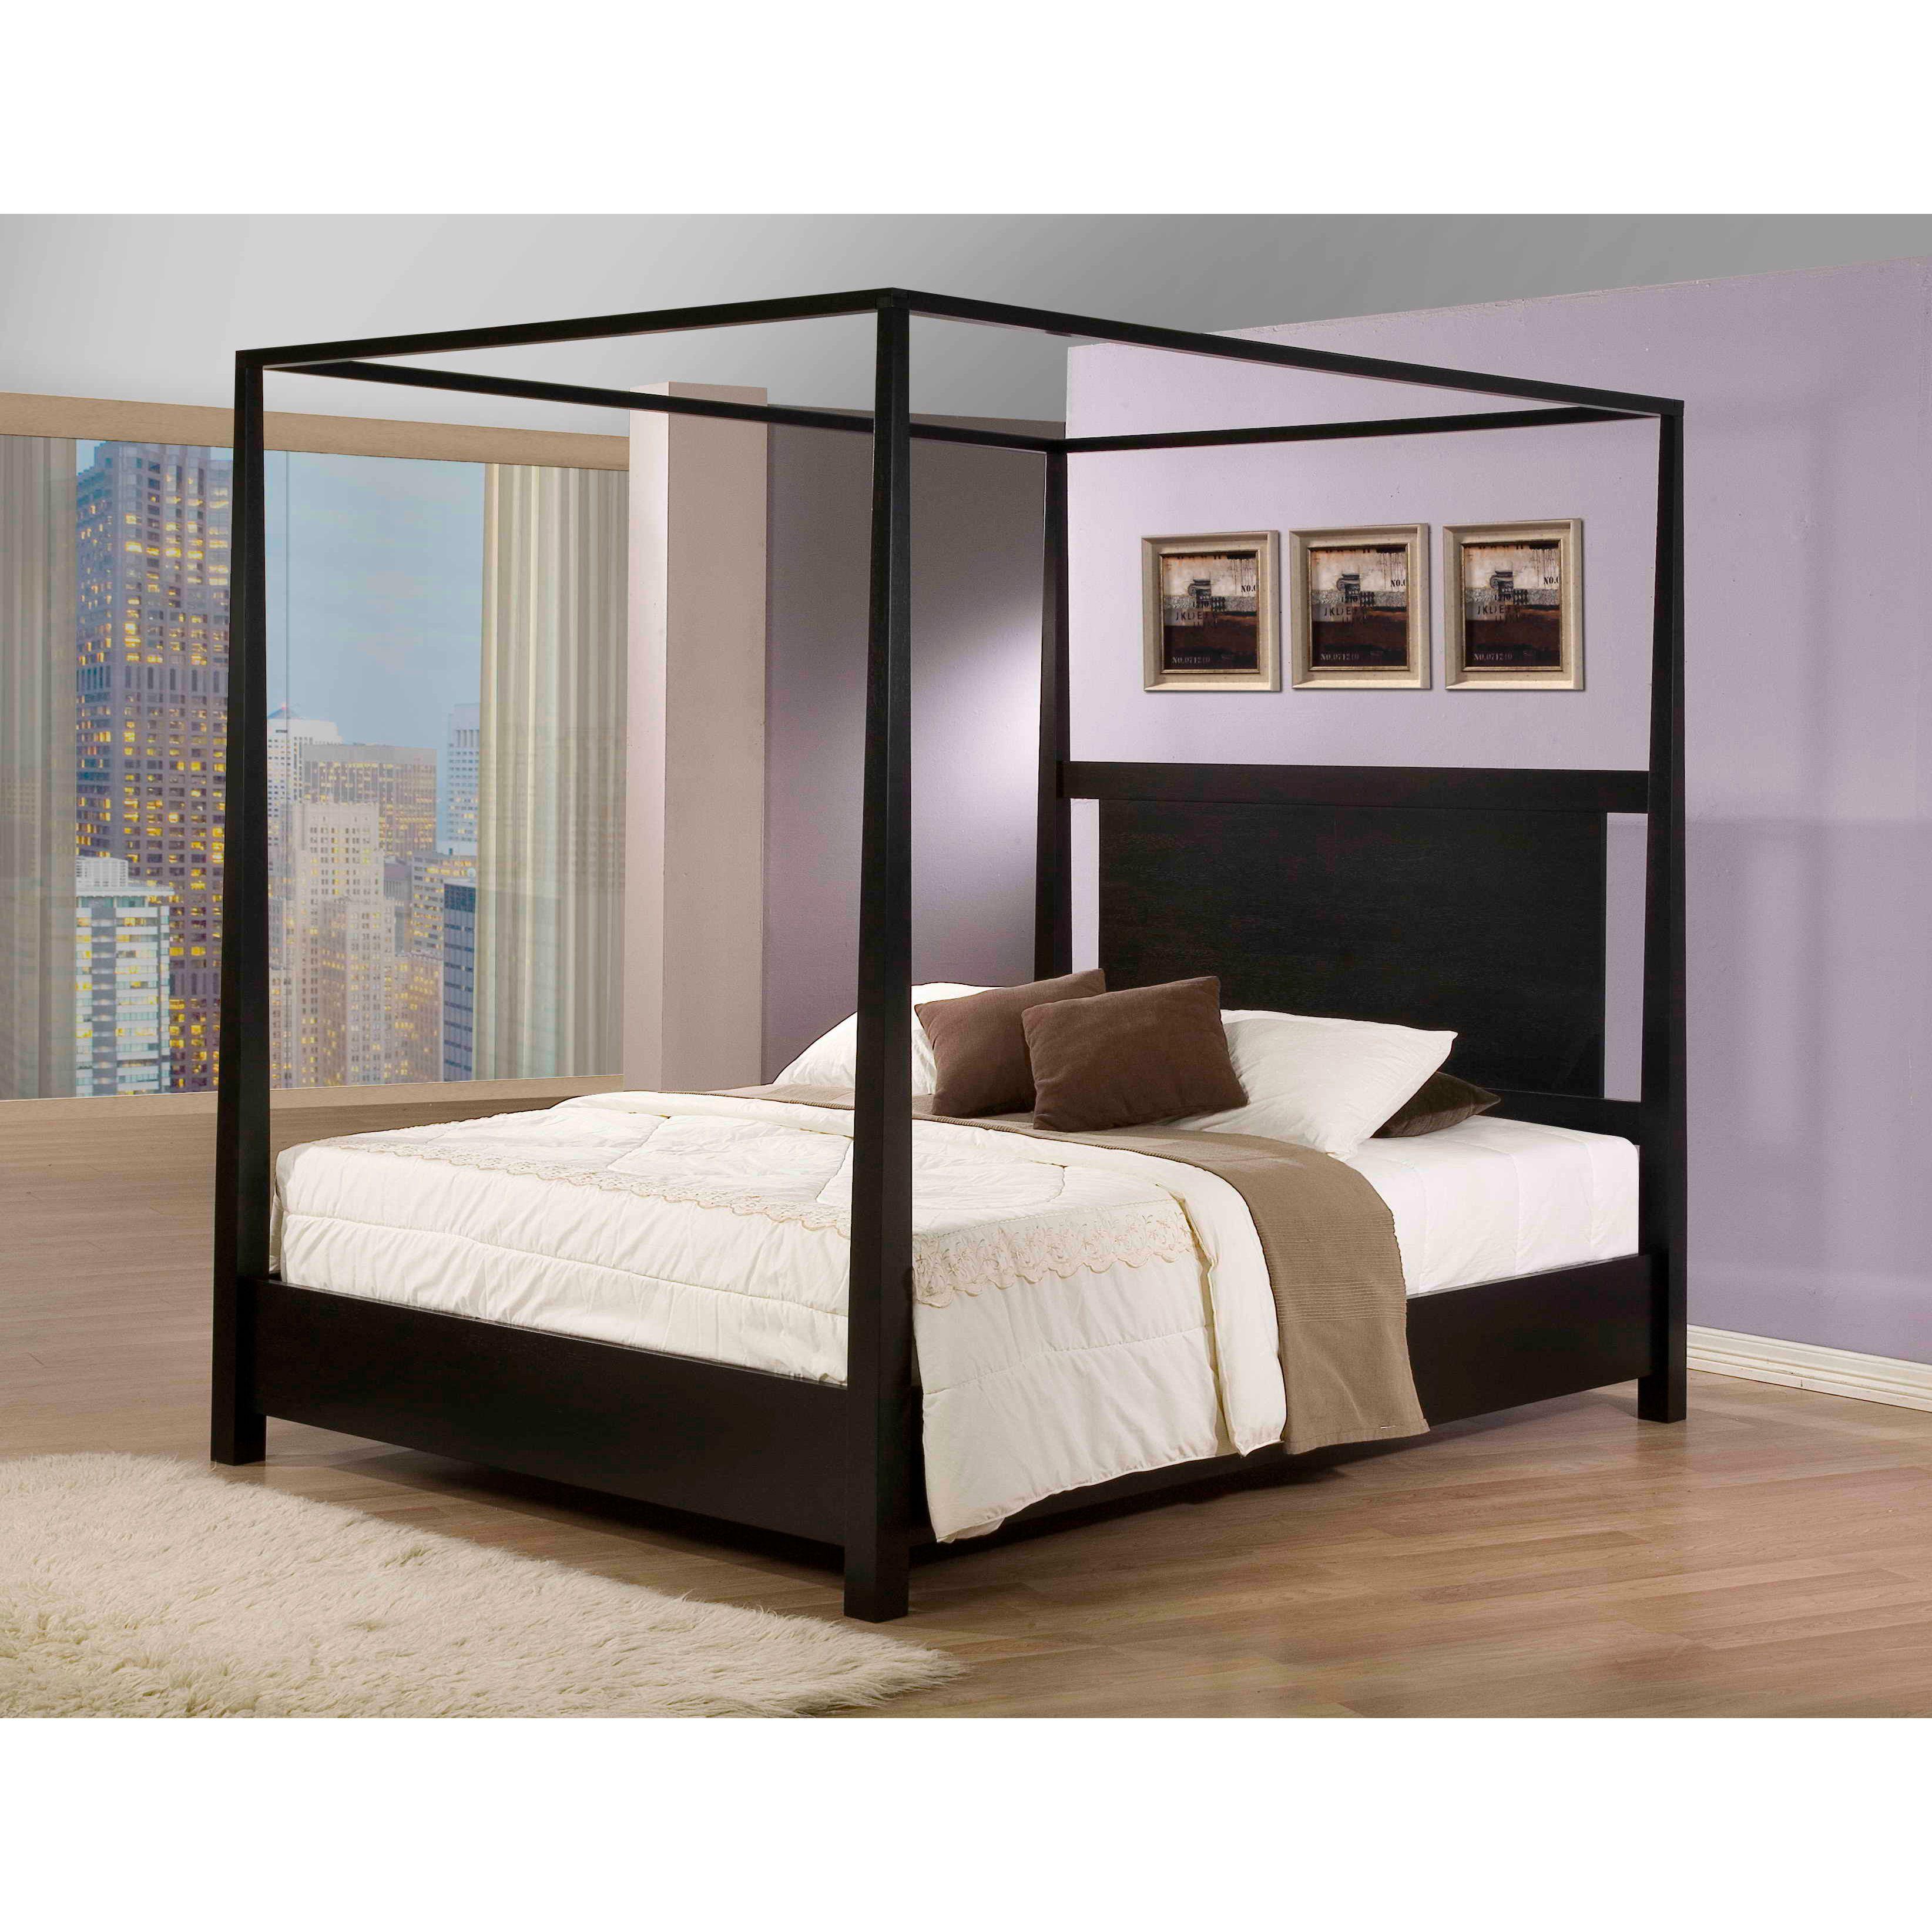 Best 25+ Cheap Canopy Beds Ideas On Pinterest | Curtain Rod Canopy, Cheap  Canopy And Faux Canopy Bed